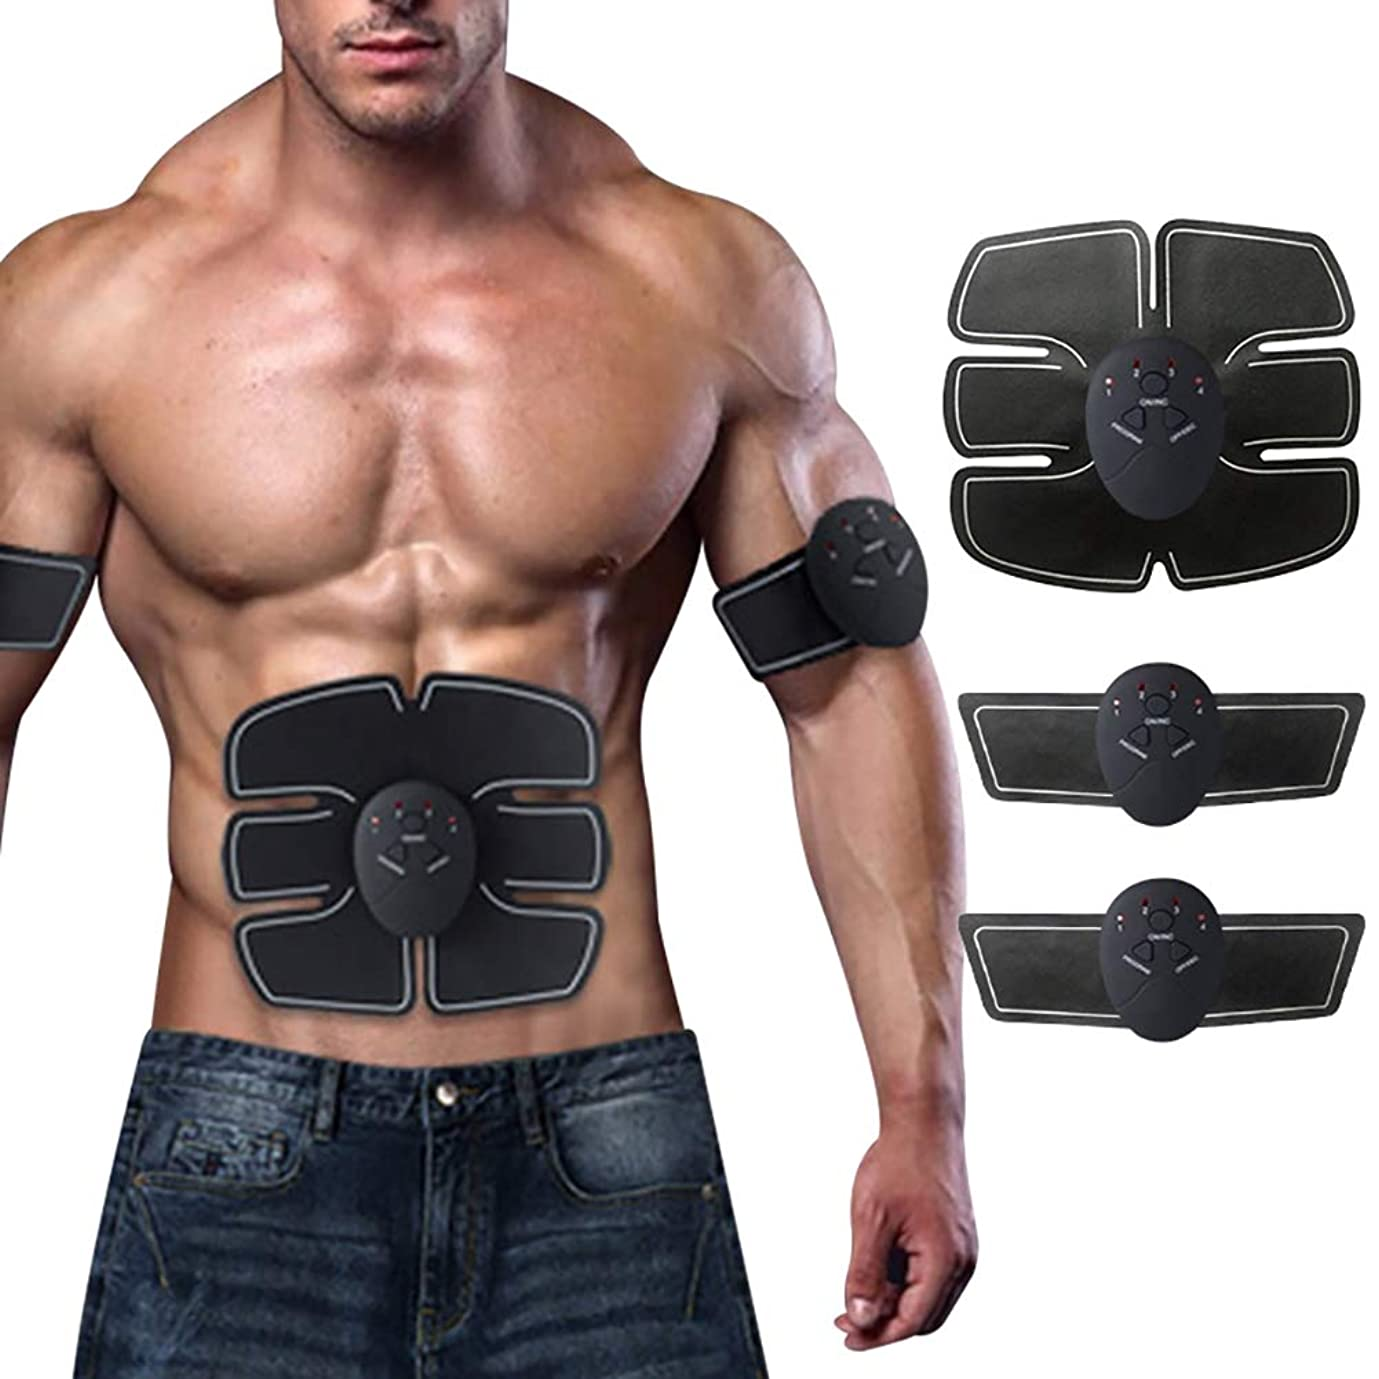 代表する適用済み引っ張るスマートフィットネス腹部器具、EMSテクノロジー腹部および腕筋刺激トレーナー筋肉運動怠Exerciseな家族フィットネス機器,A,Charging